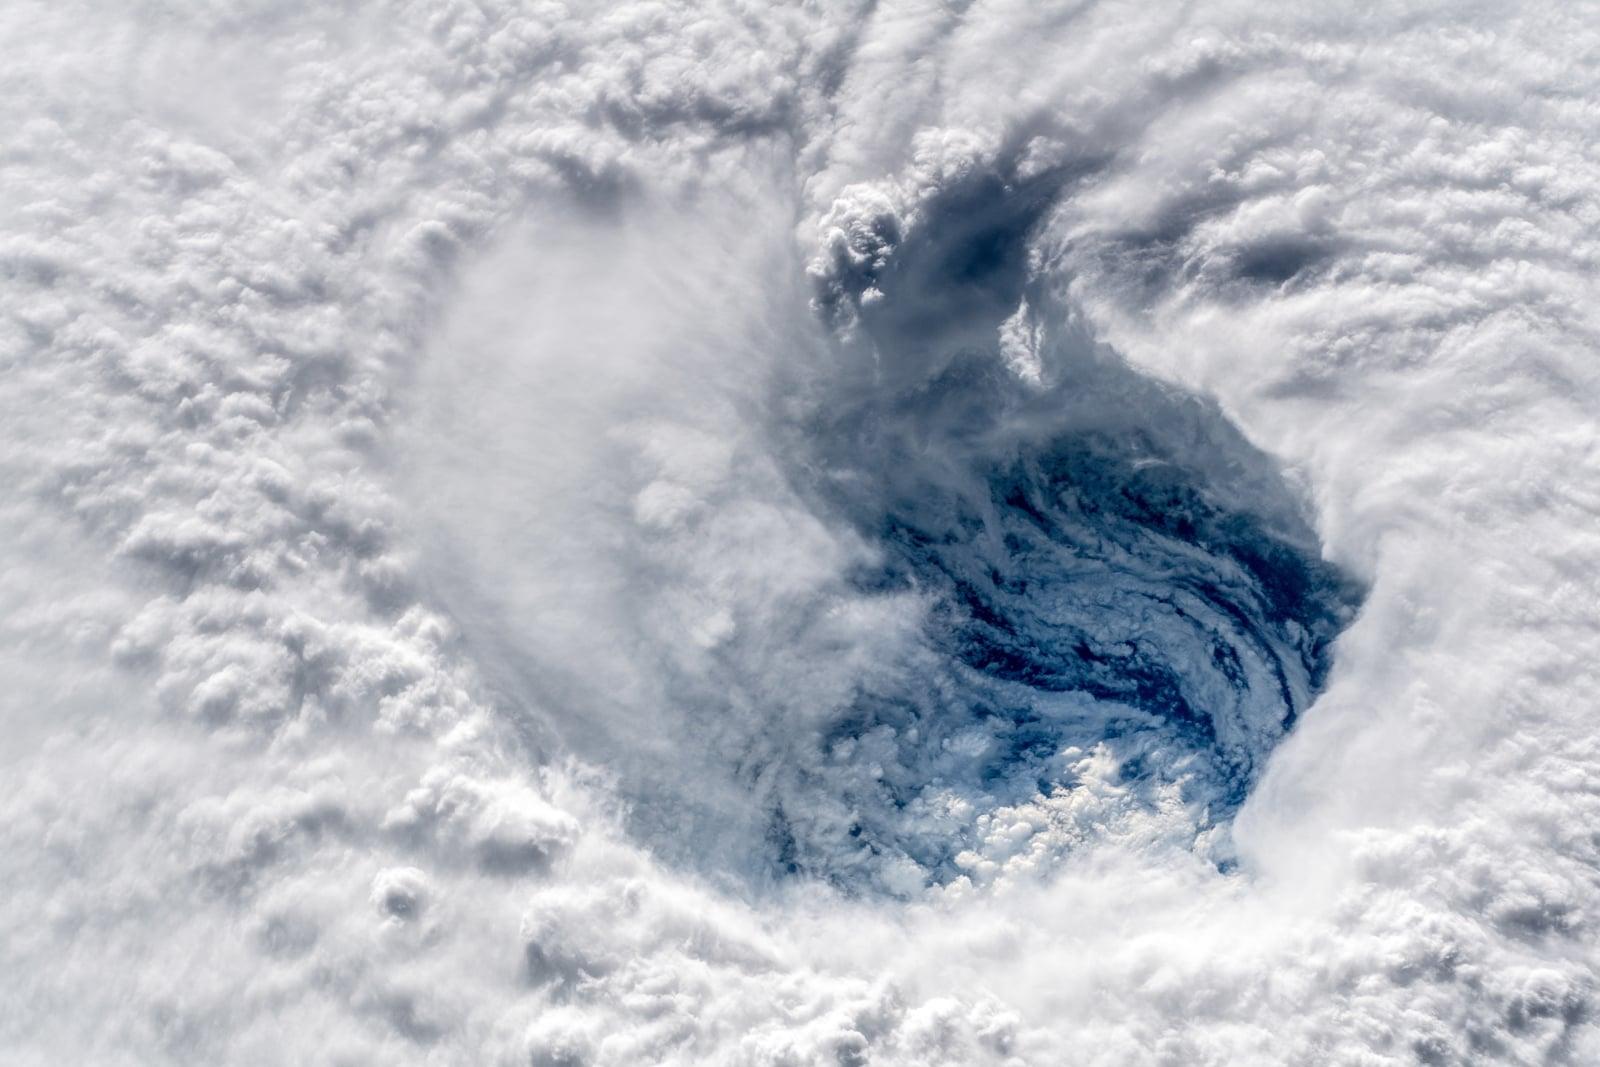 Huragan Florence zbliża się do wybrzeży Stanów Zjednoczonych. Fot. PAP/EPA/ESA/NASA-ALEXANDER GERST